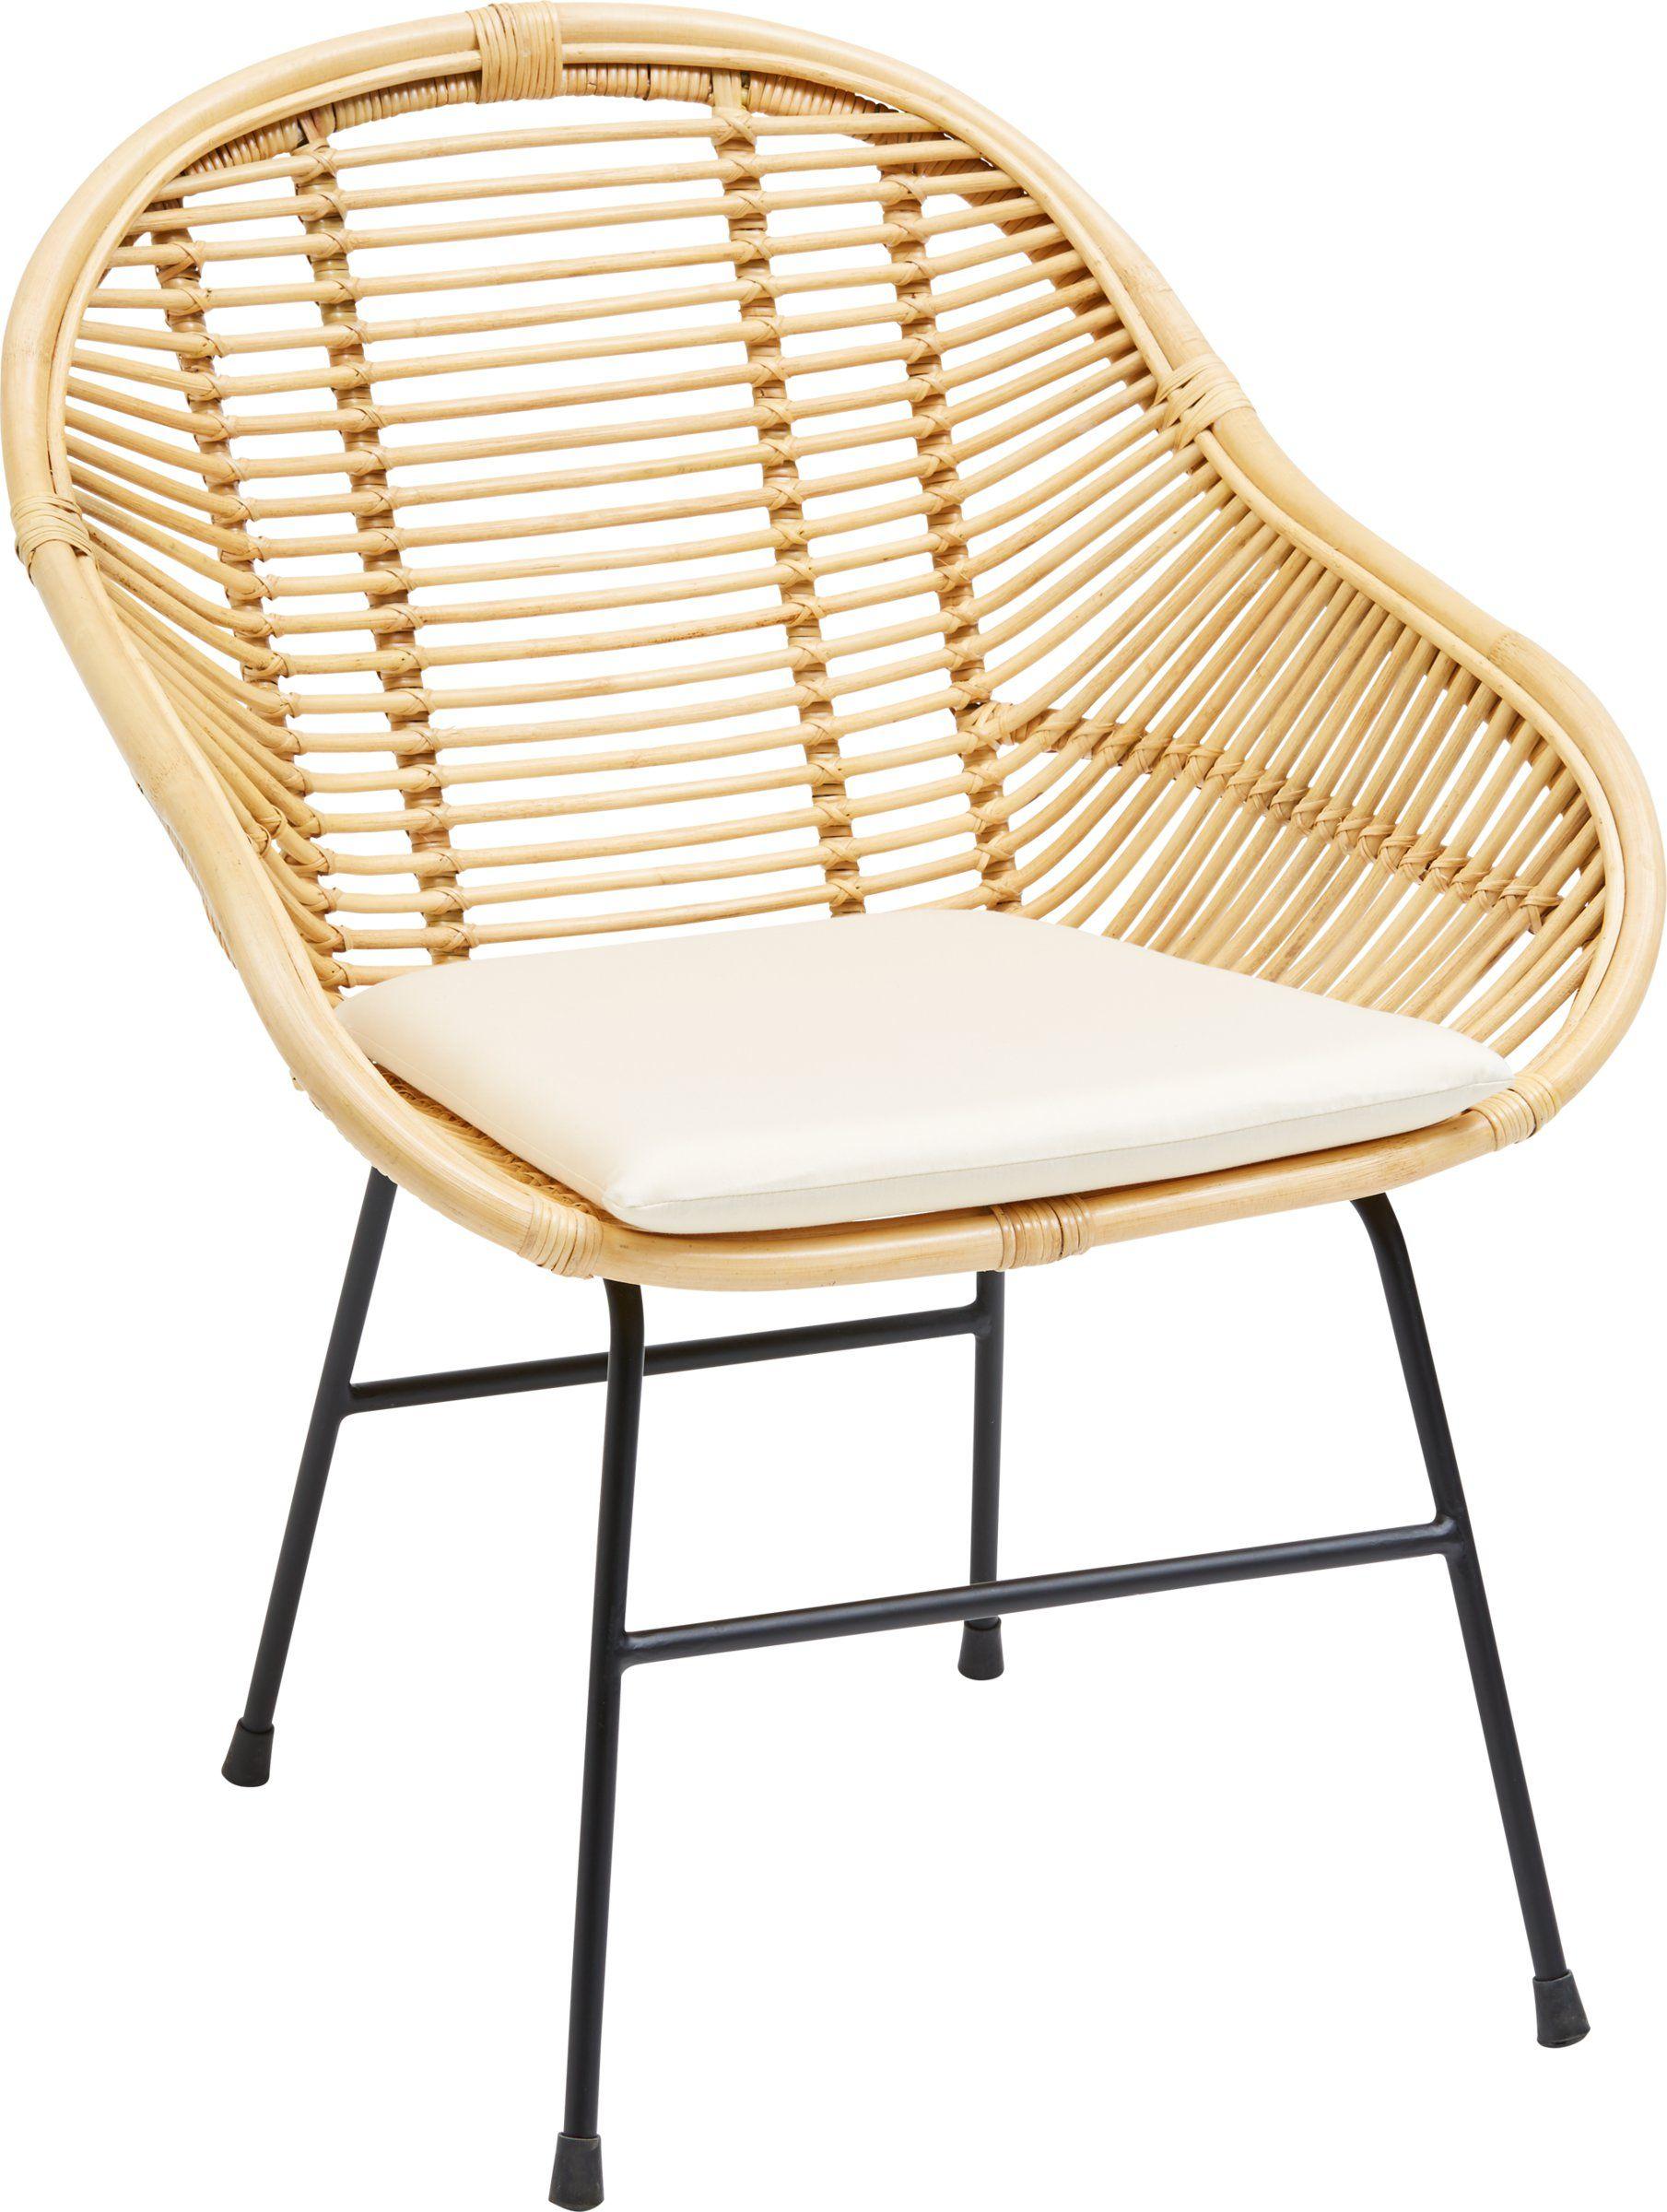 Astounding Sessel Kaufen Das Beste Von Lipp | - Micasa.ch